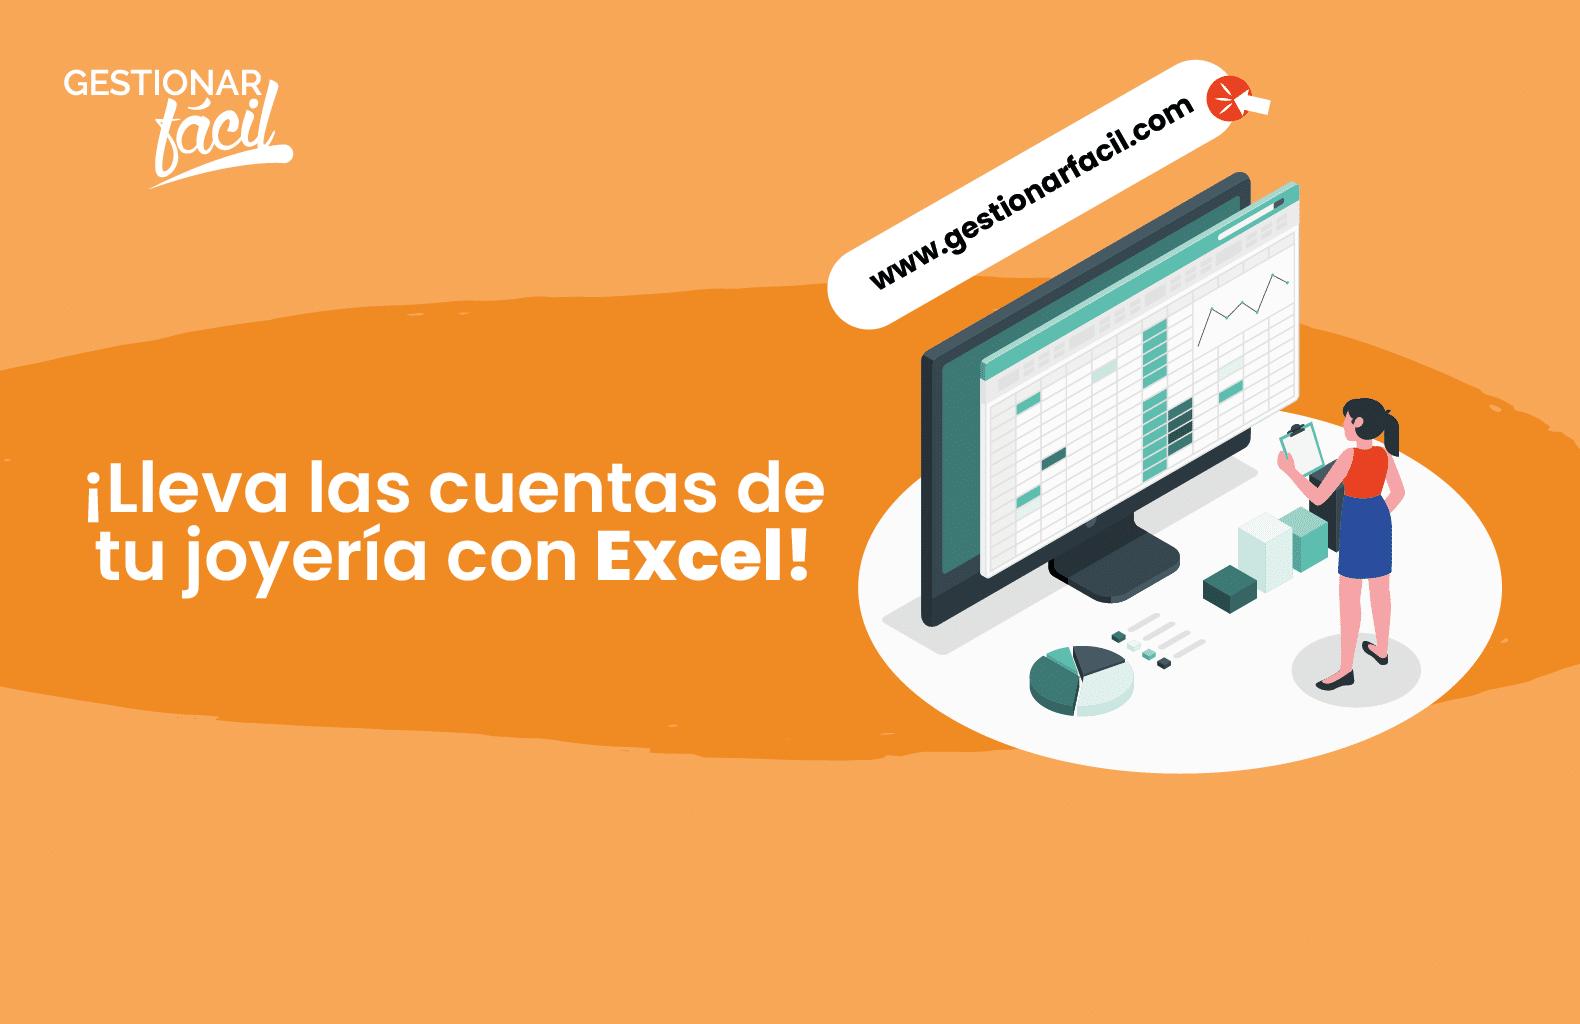 ¡Lleva las cuentas de tu joyería con Excel! Gestiona tu pyme en forma eficiente.